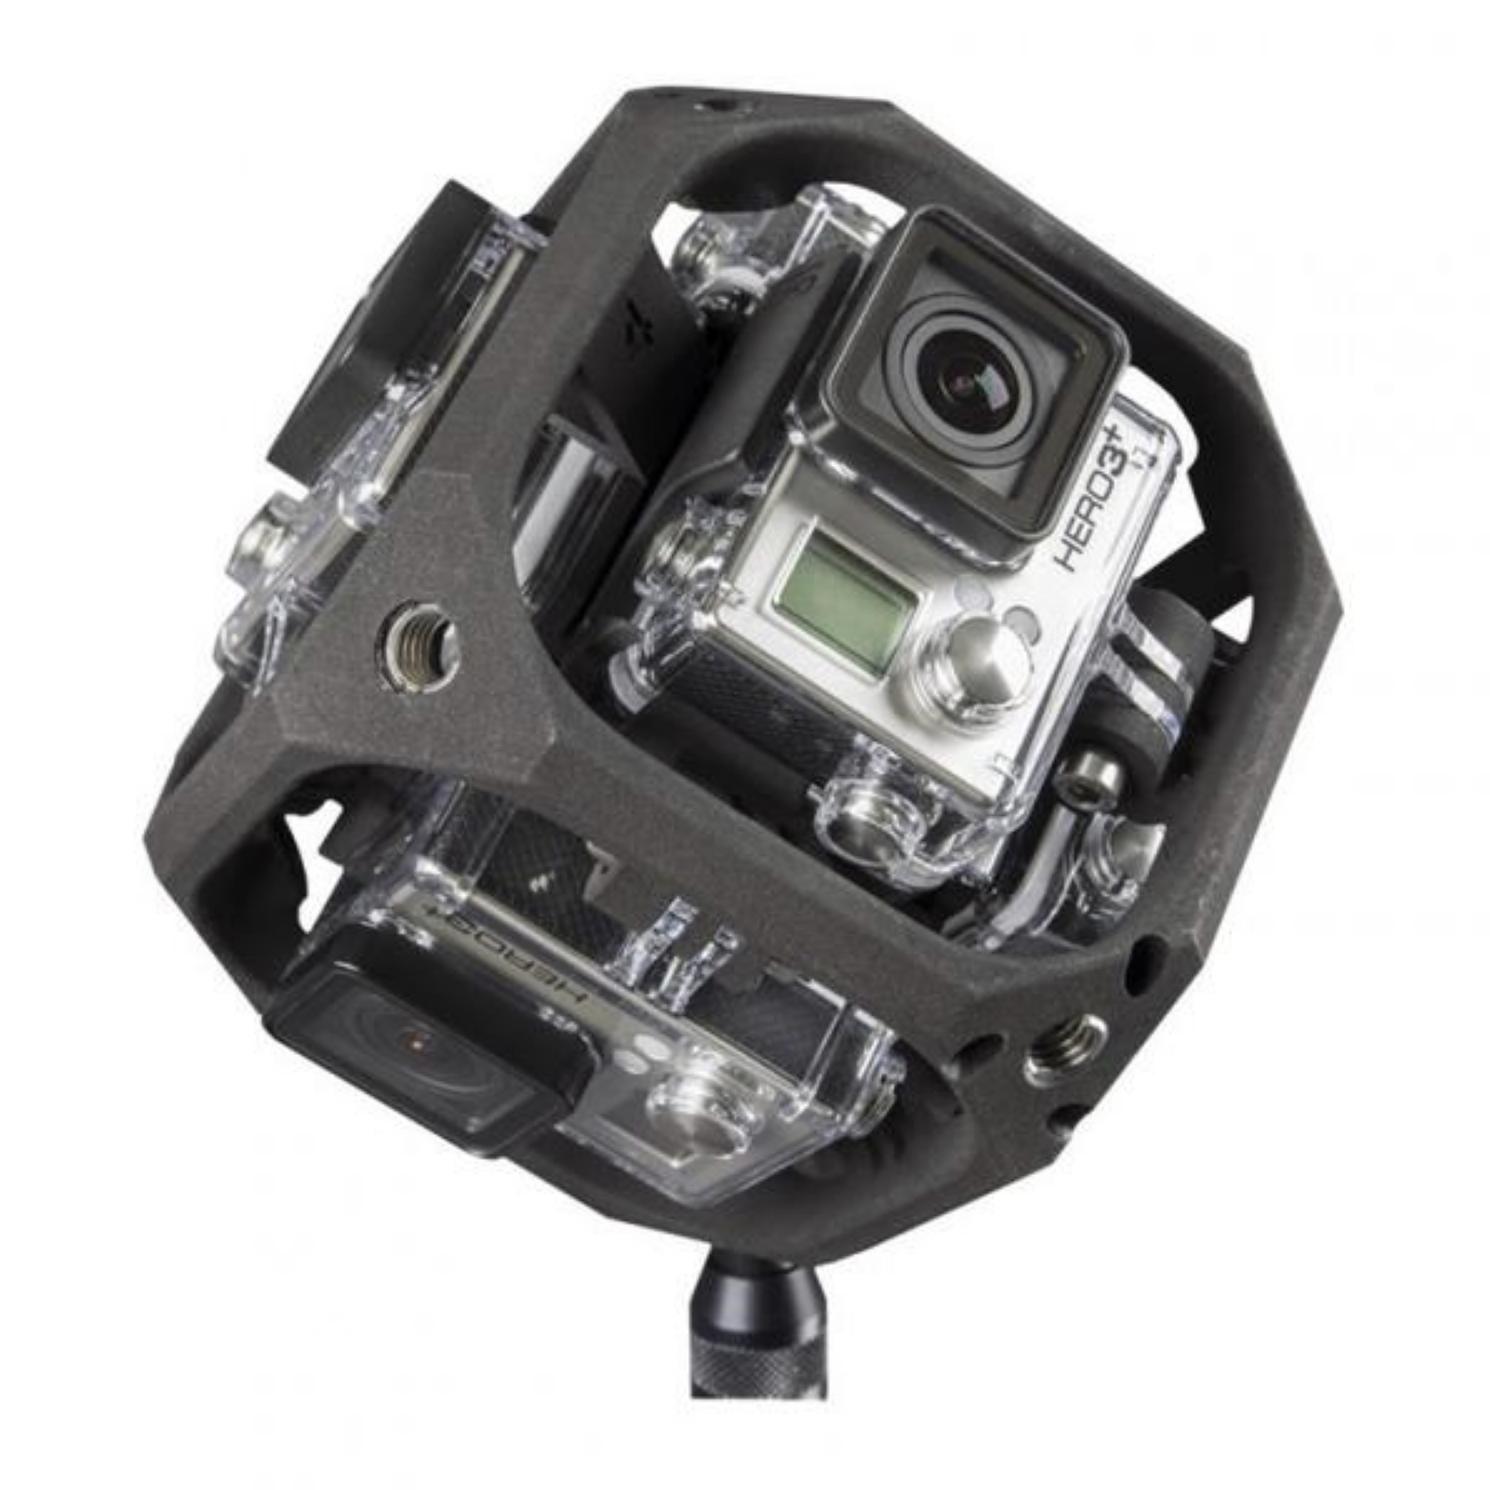 FREEDOM-360 EXPLORER for VR w/6 GoPro's